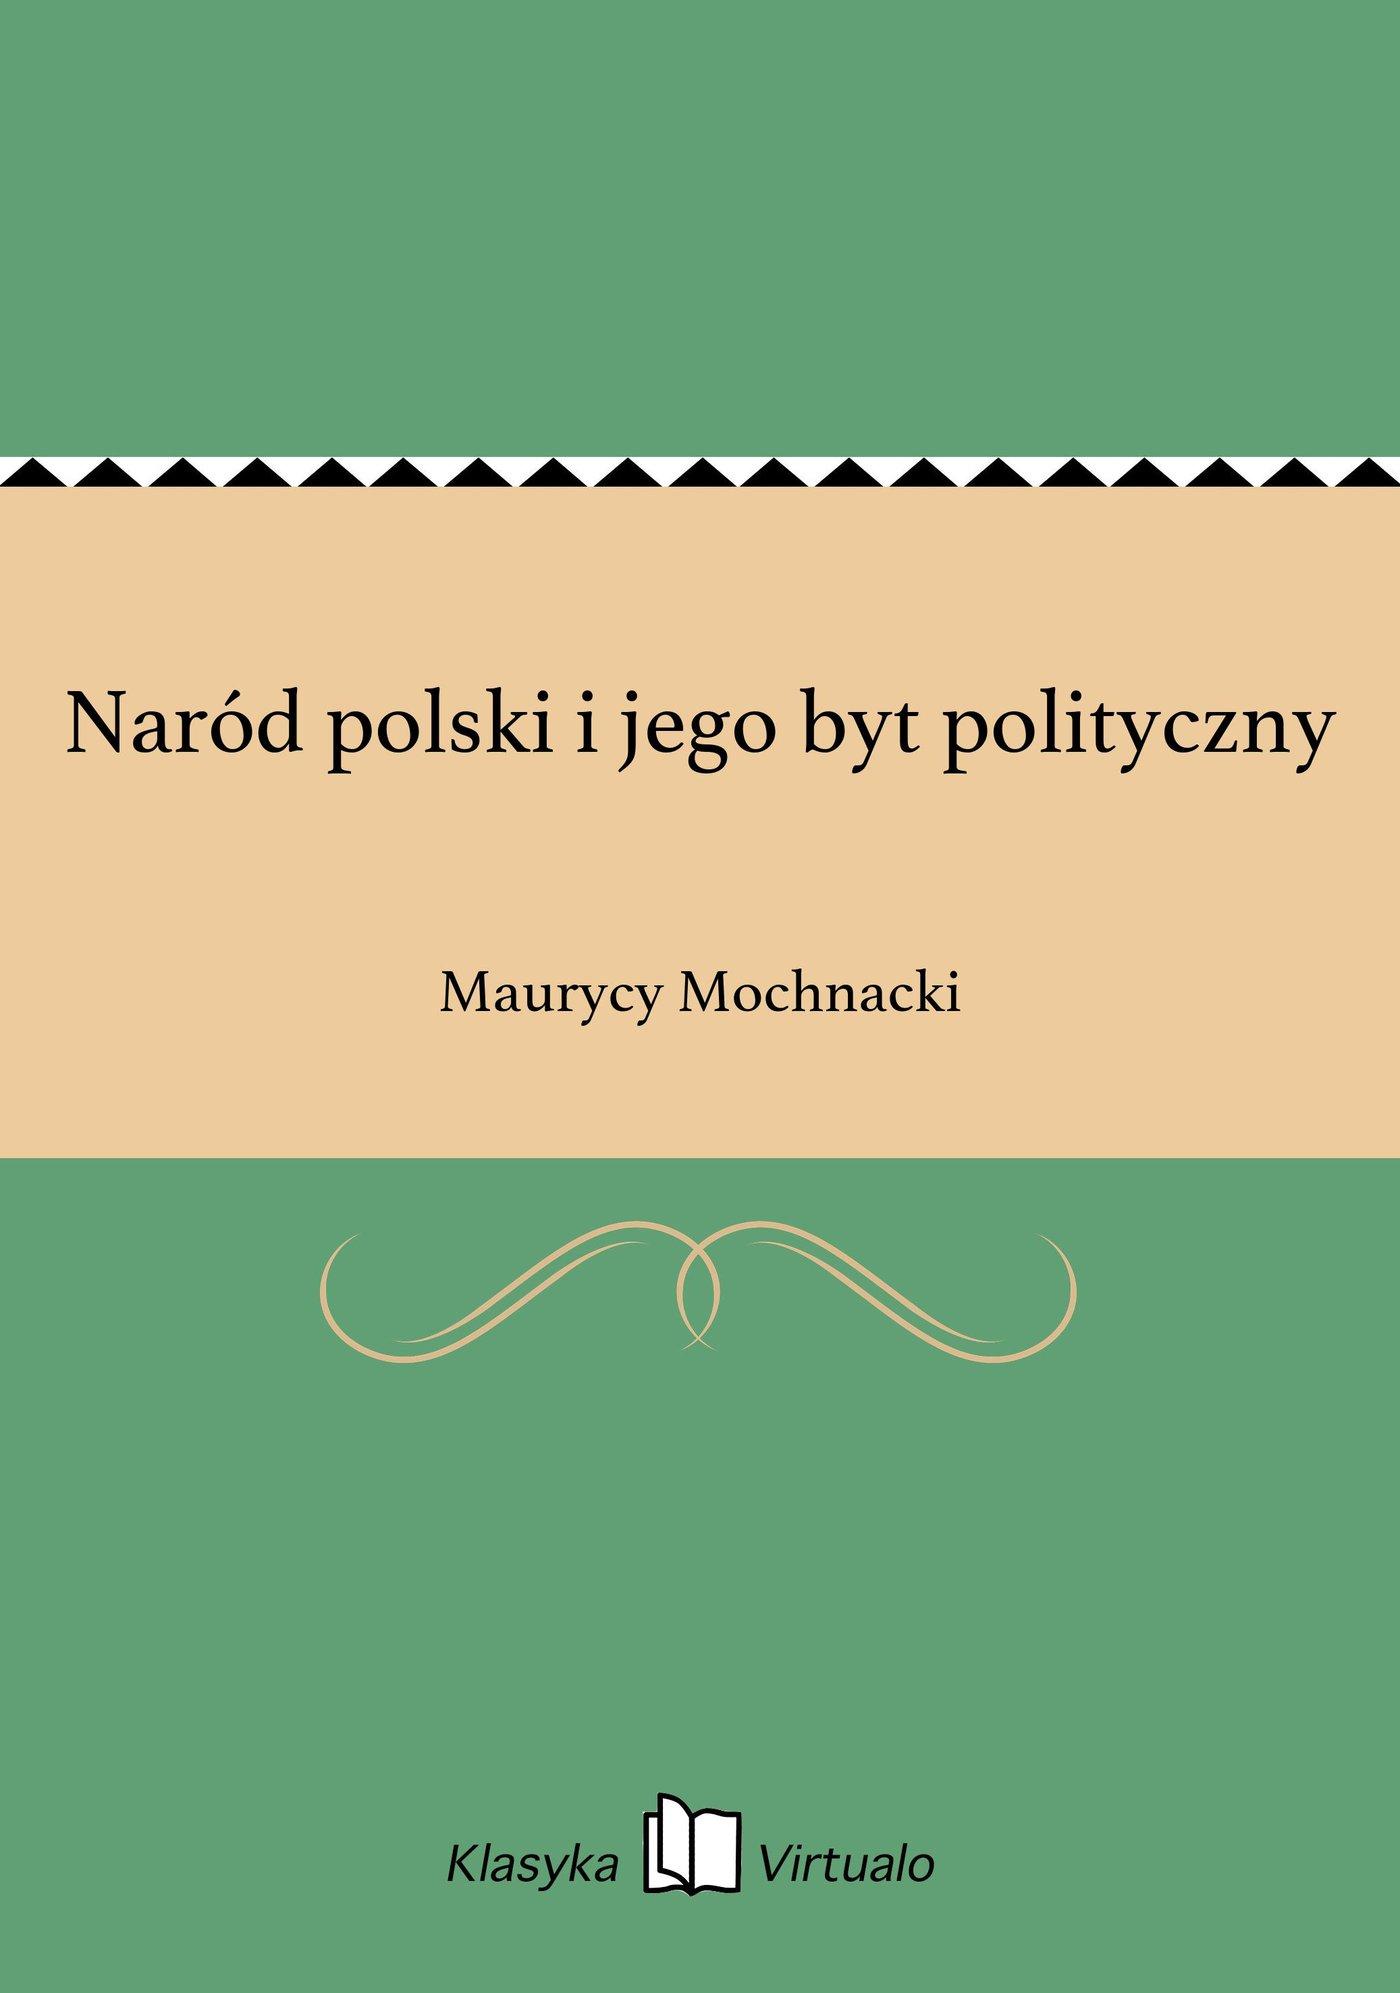 Naród polski i jego byt polityczny - Ebook (Książka EPUB) do pobrania w formacie EPUB